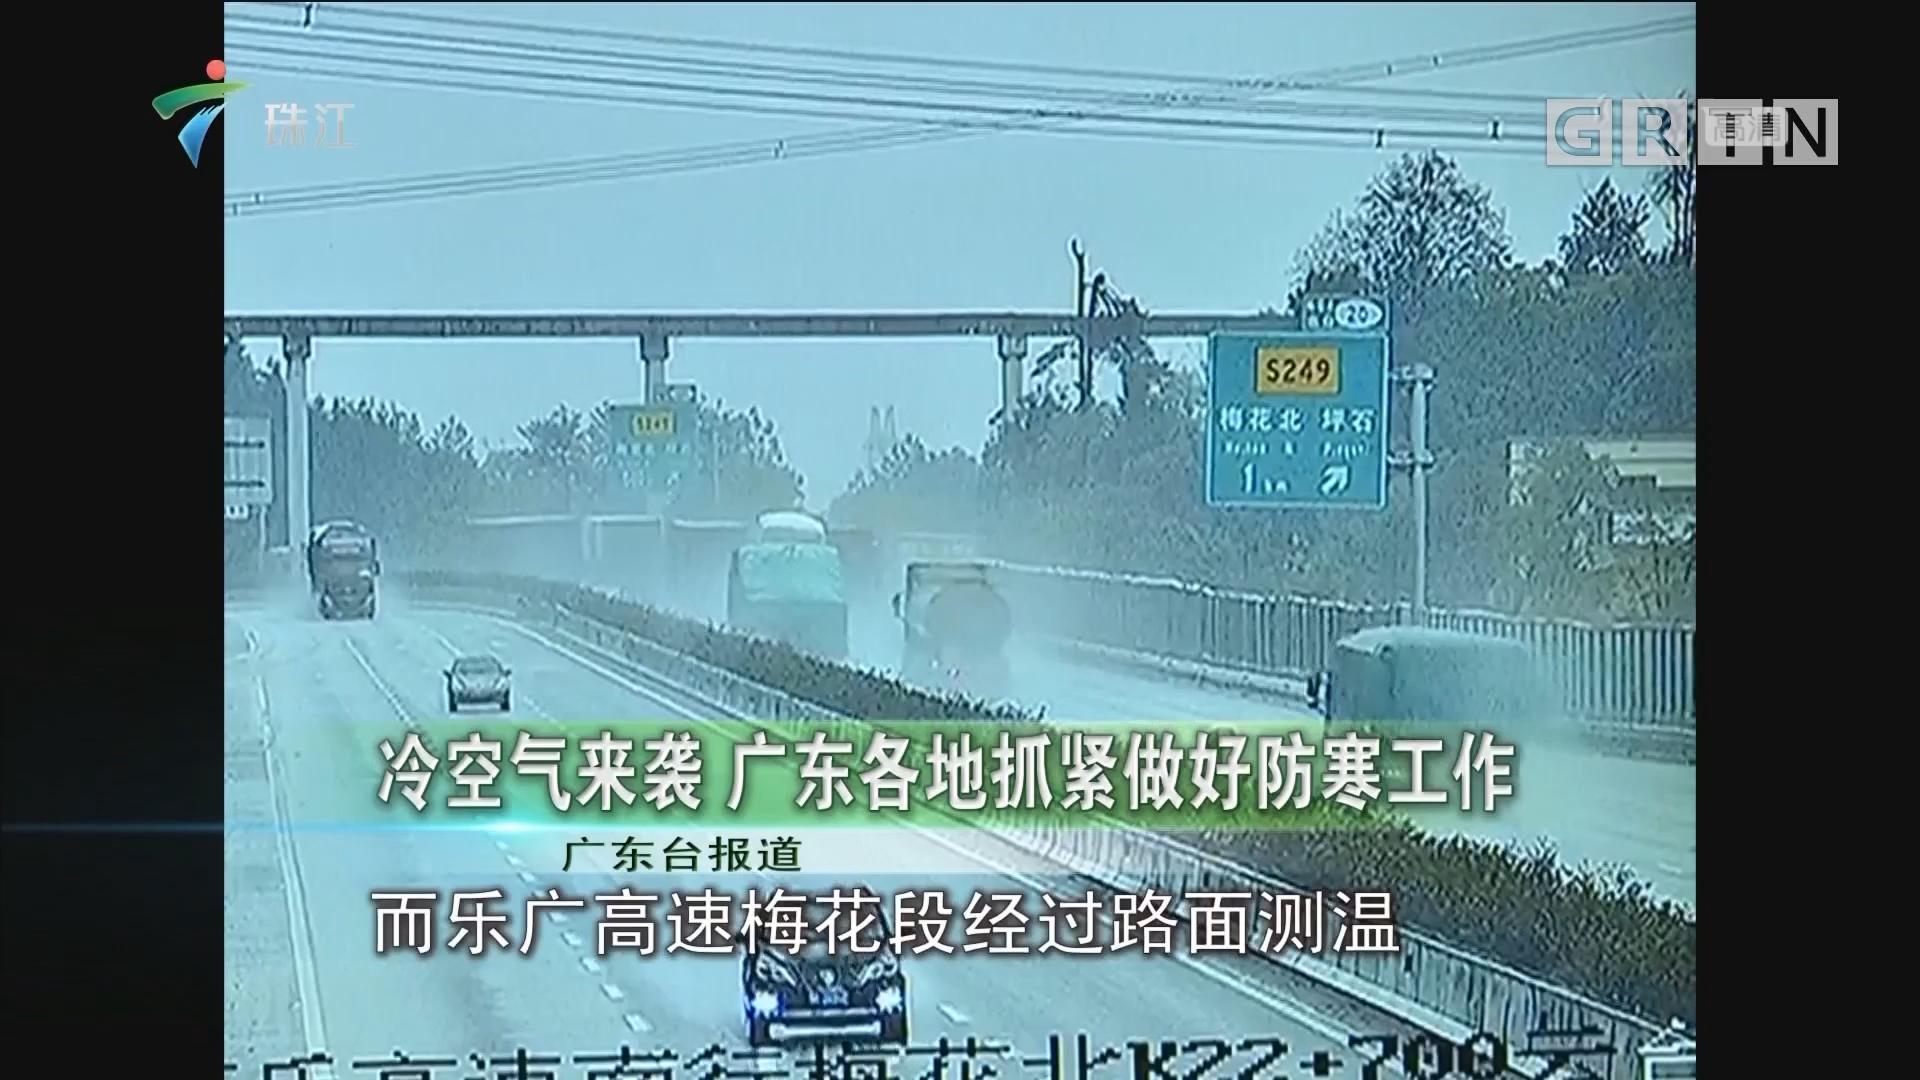 冷空气来袭 广东各地抓紧做好防寒工作